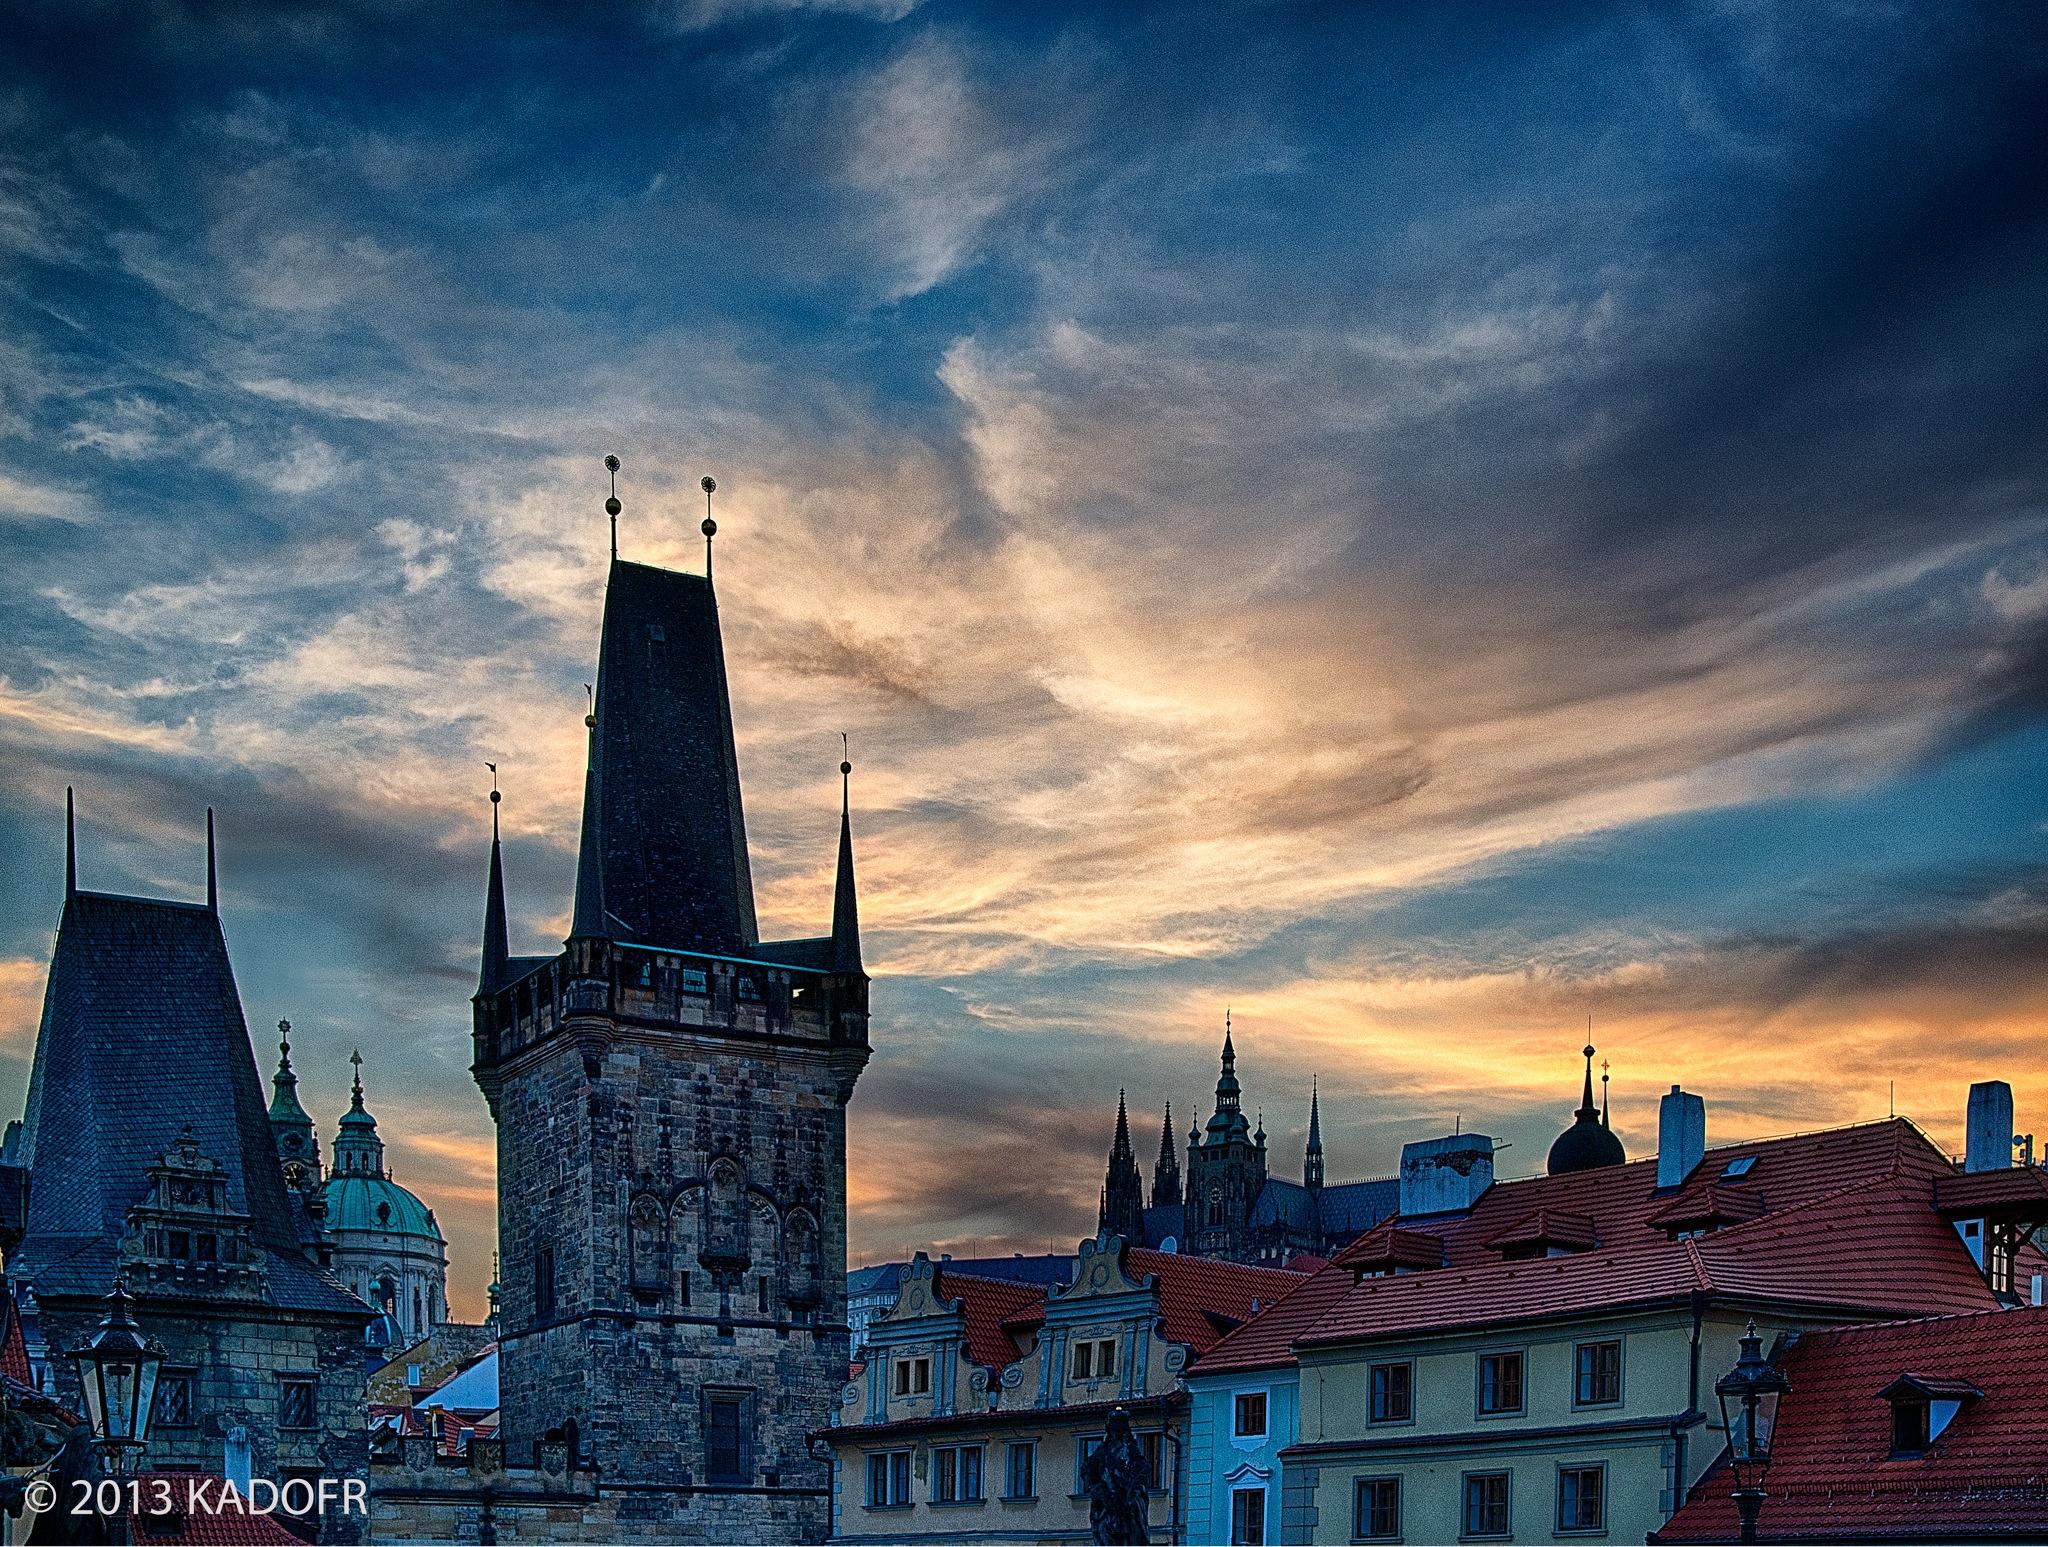 Ta menší patřila ještě k Juditině mostu a ta větší je zmenšenou kopií Staroměstské mostecké věže - (Foto: Karel Dobeš)